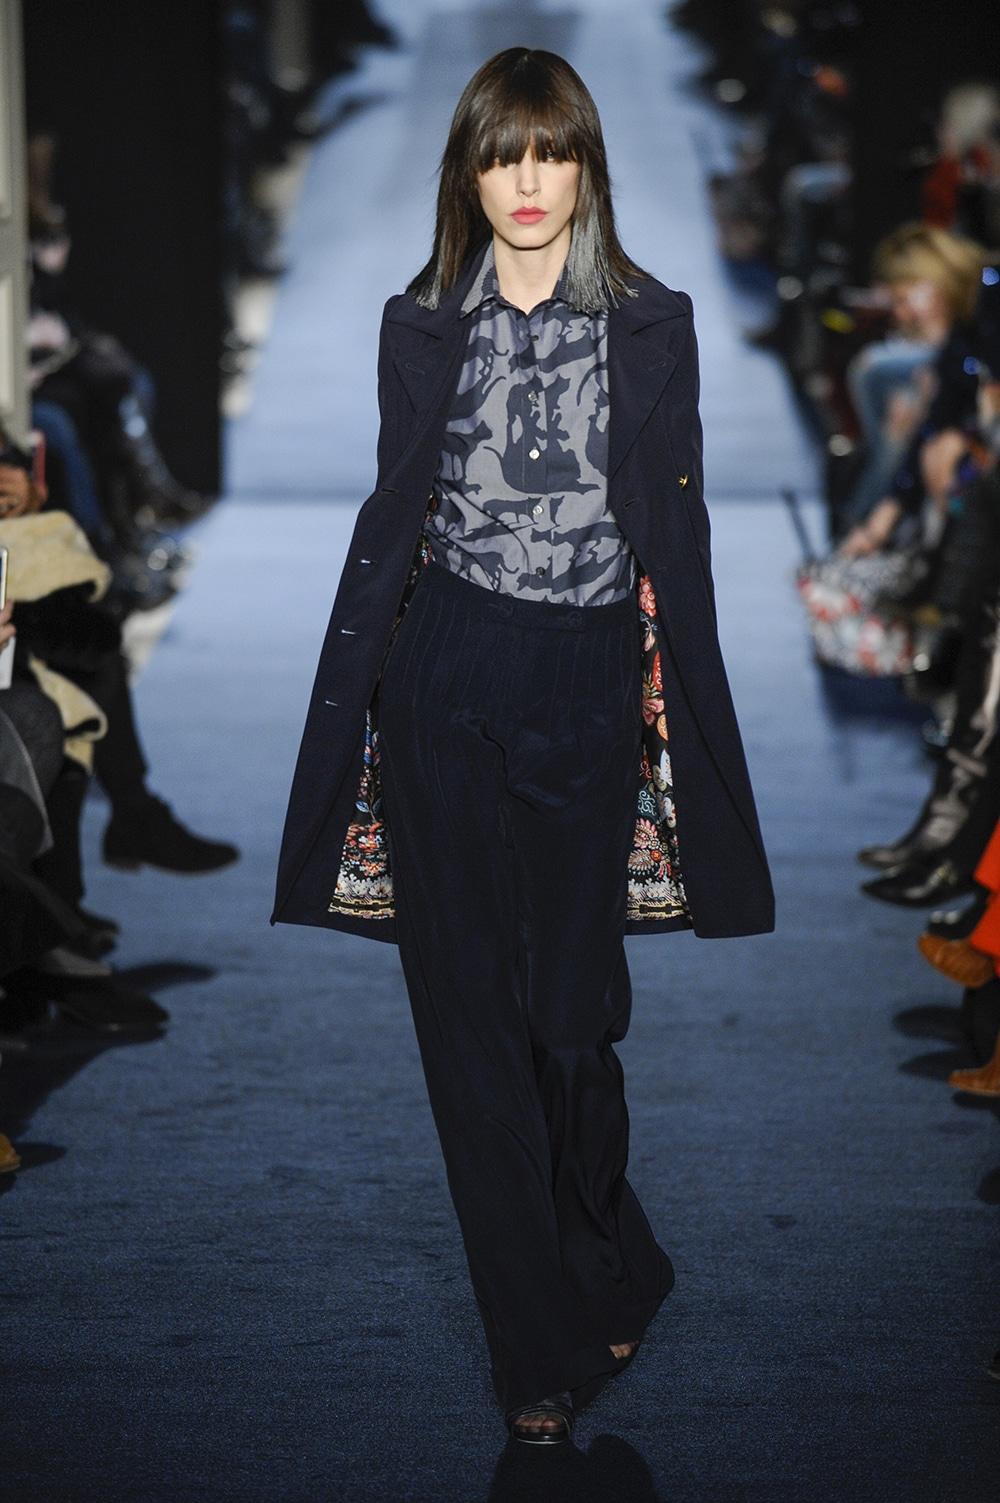 コレクション 2016/17 Autumn & Winter Paris|Fashion|madame FIGARO ...